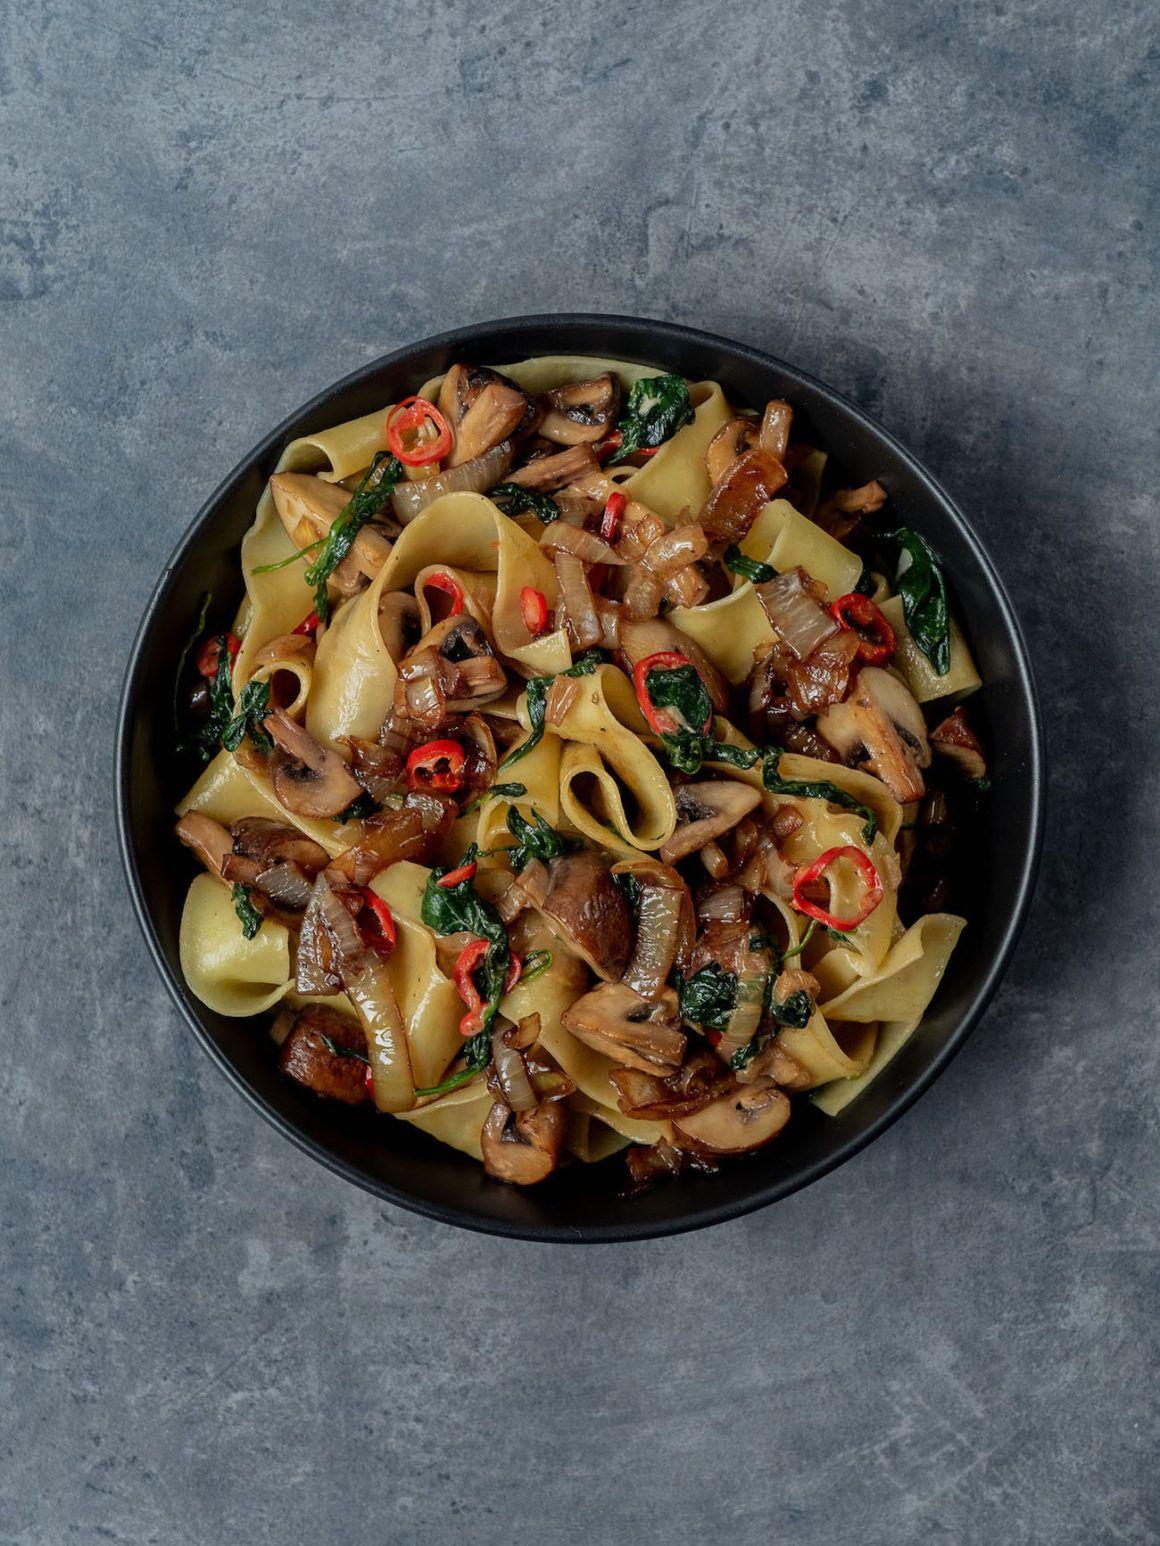 Foodblog About Fuel_Papardelle mit Champignons, Spinat und Balsamico Zwiebeln, Teller, Chili, Pasta